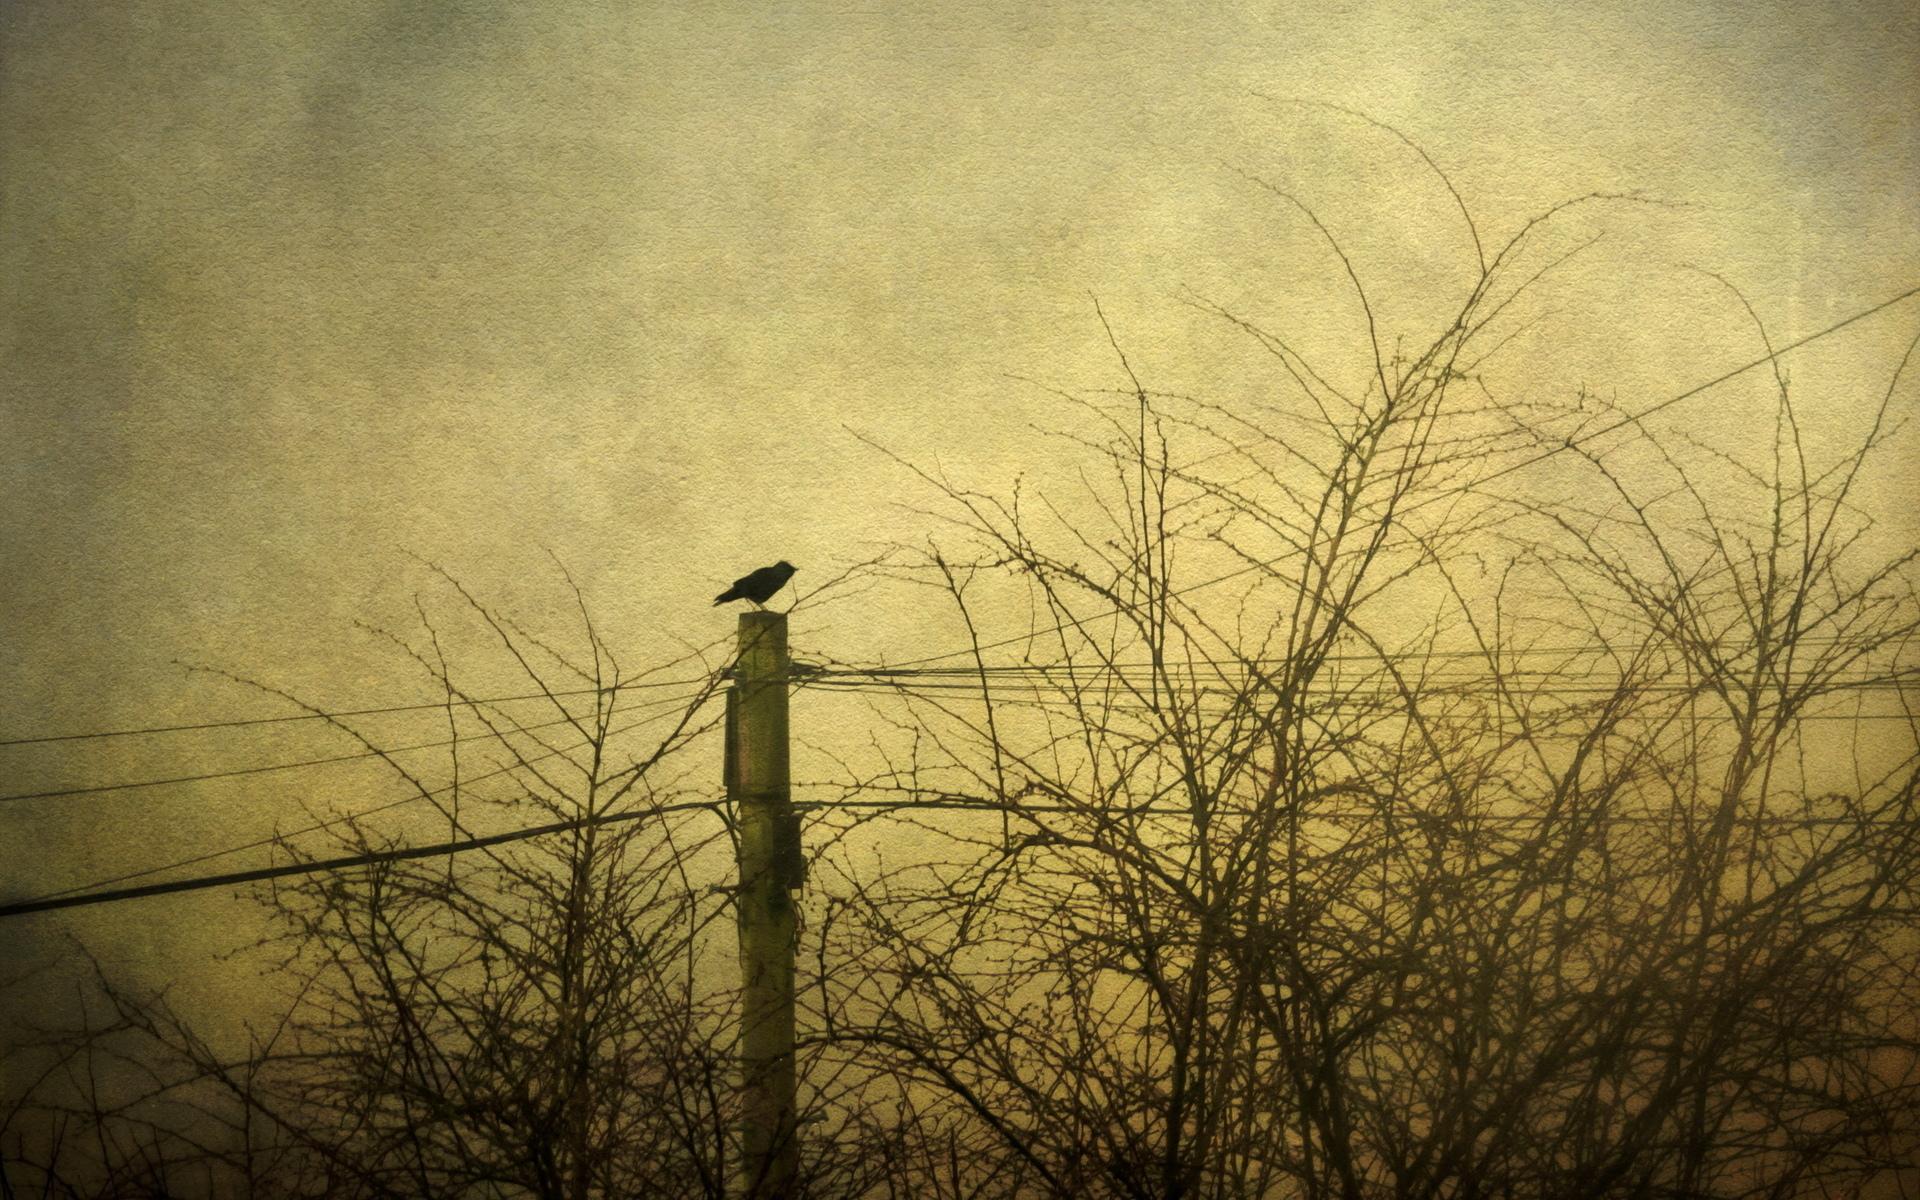 animals birds crows raven retro sepia cross trees lines sky gothic 1920x1200